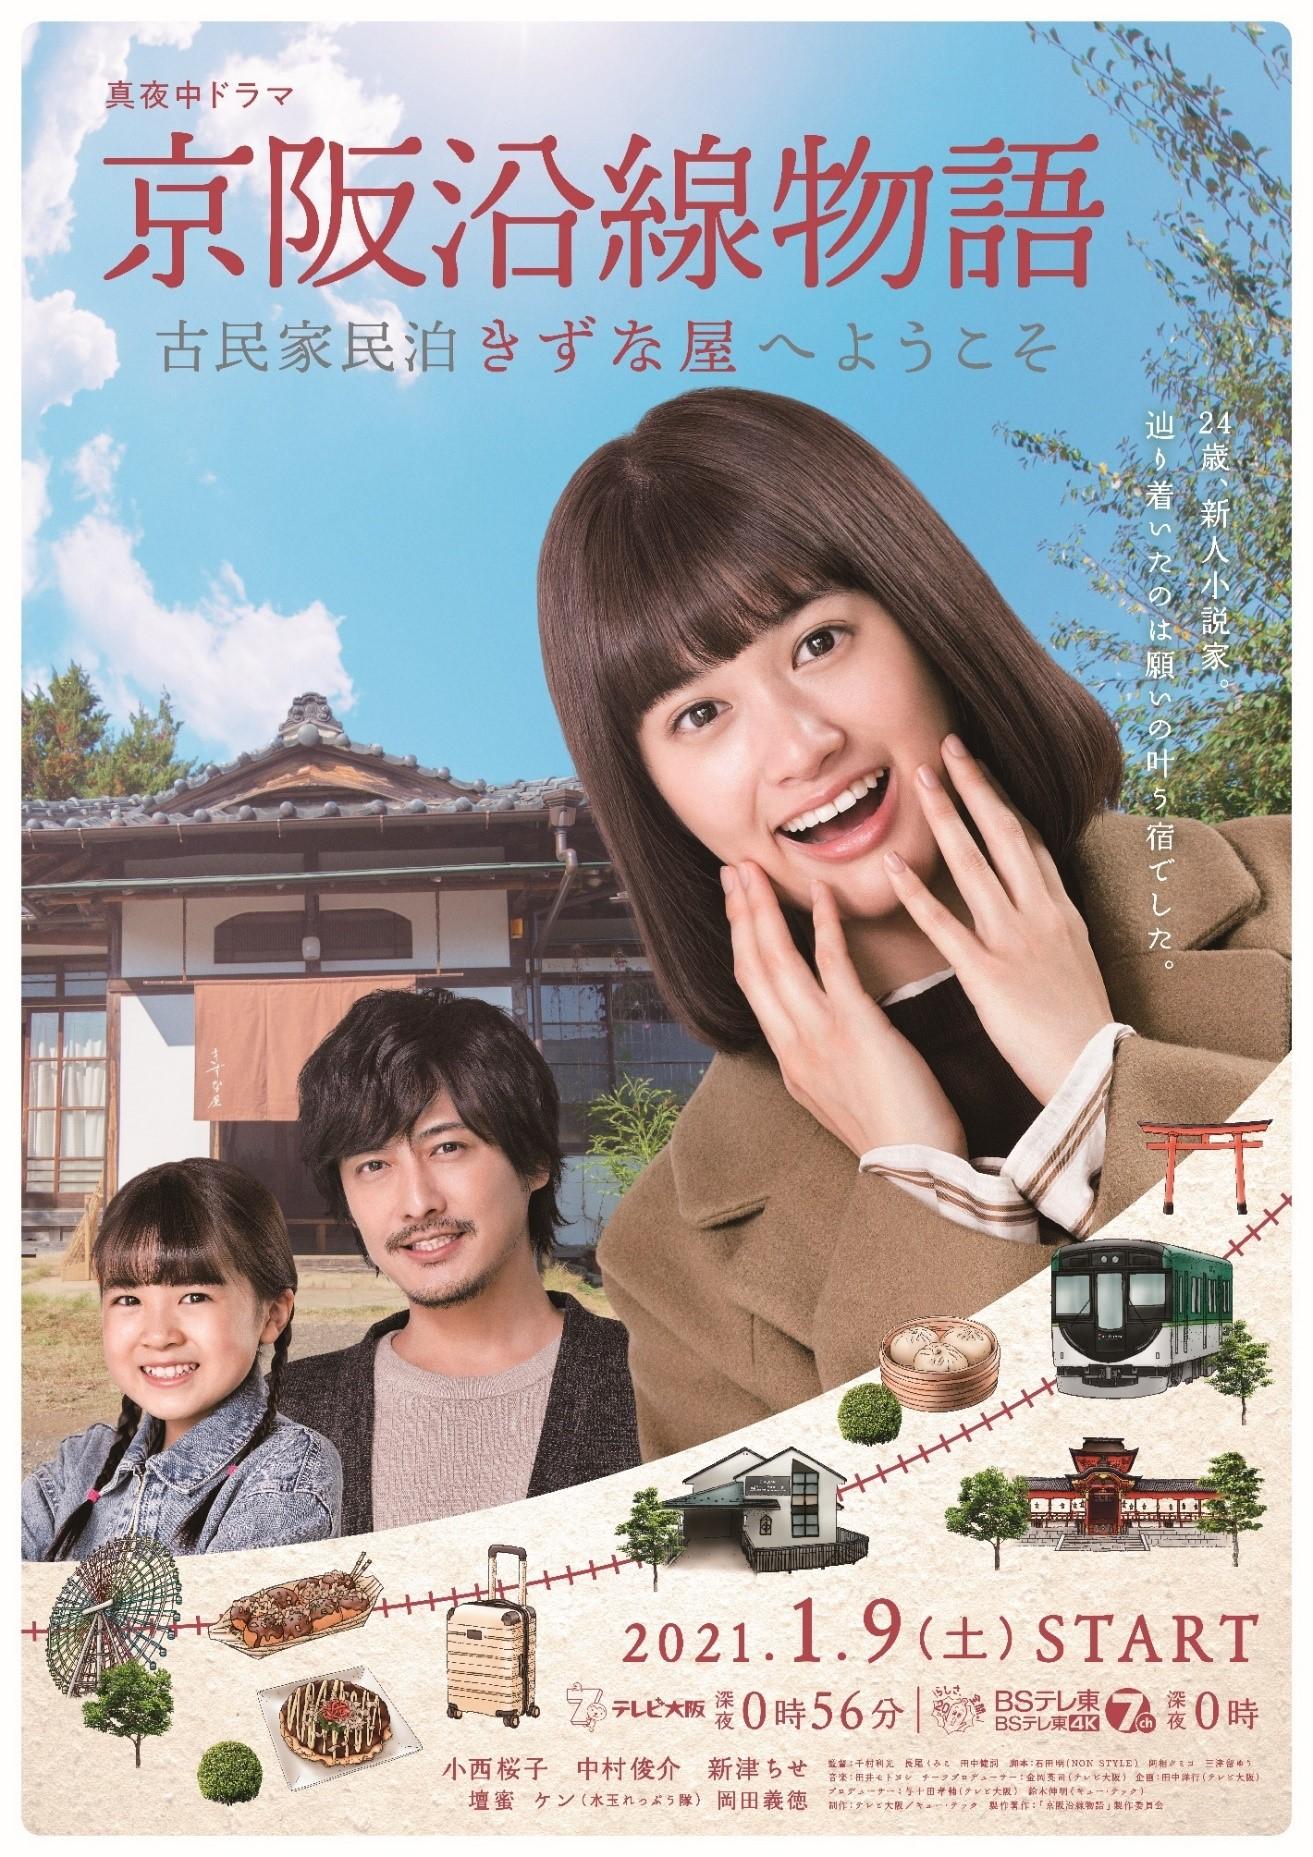 「京阪沿線物語」